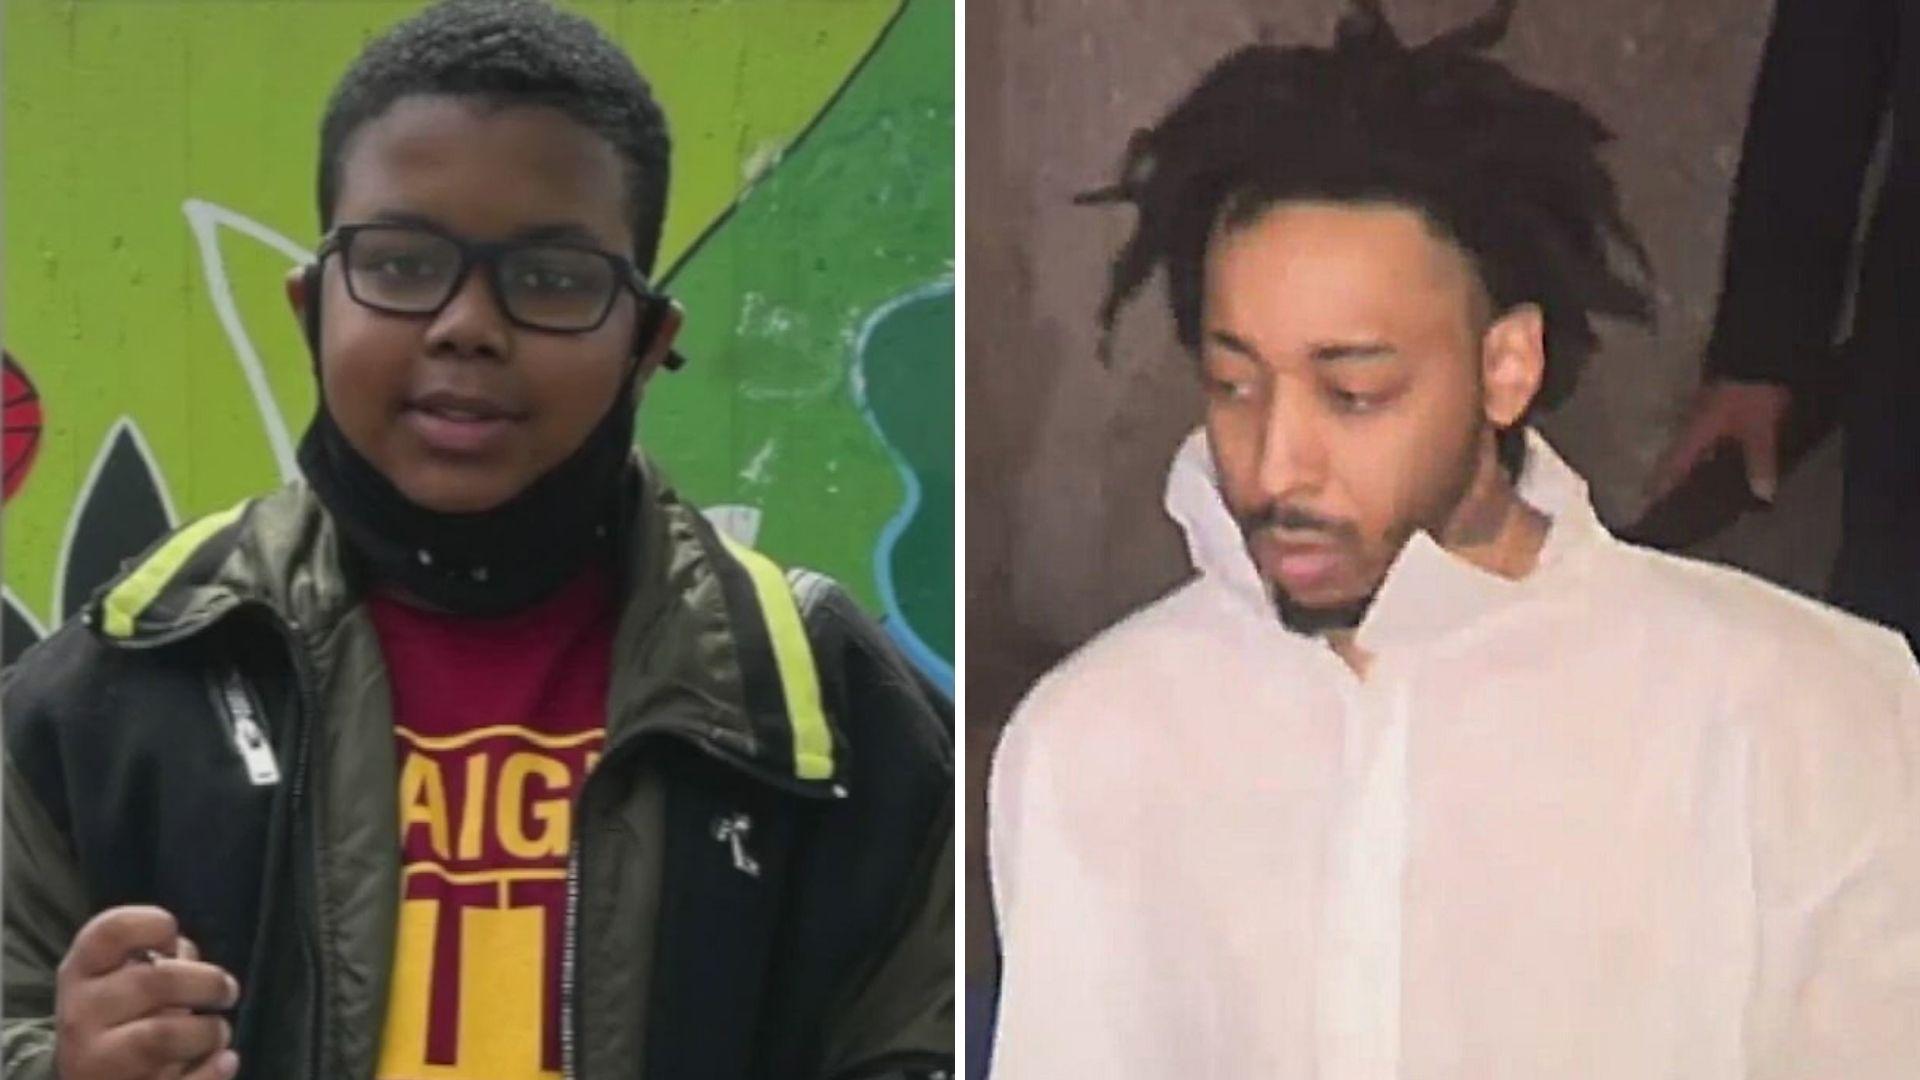 Arrest after boy, 10, fatally shot in Queens